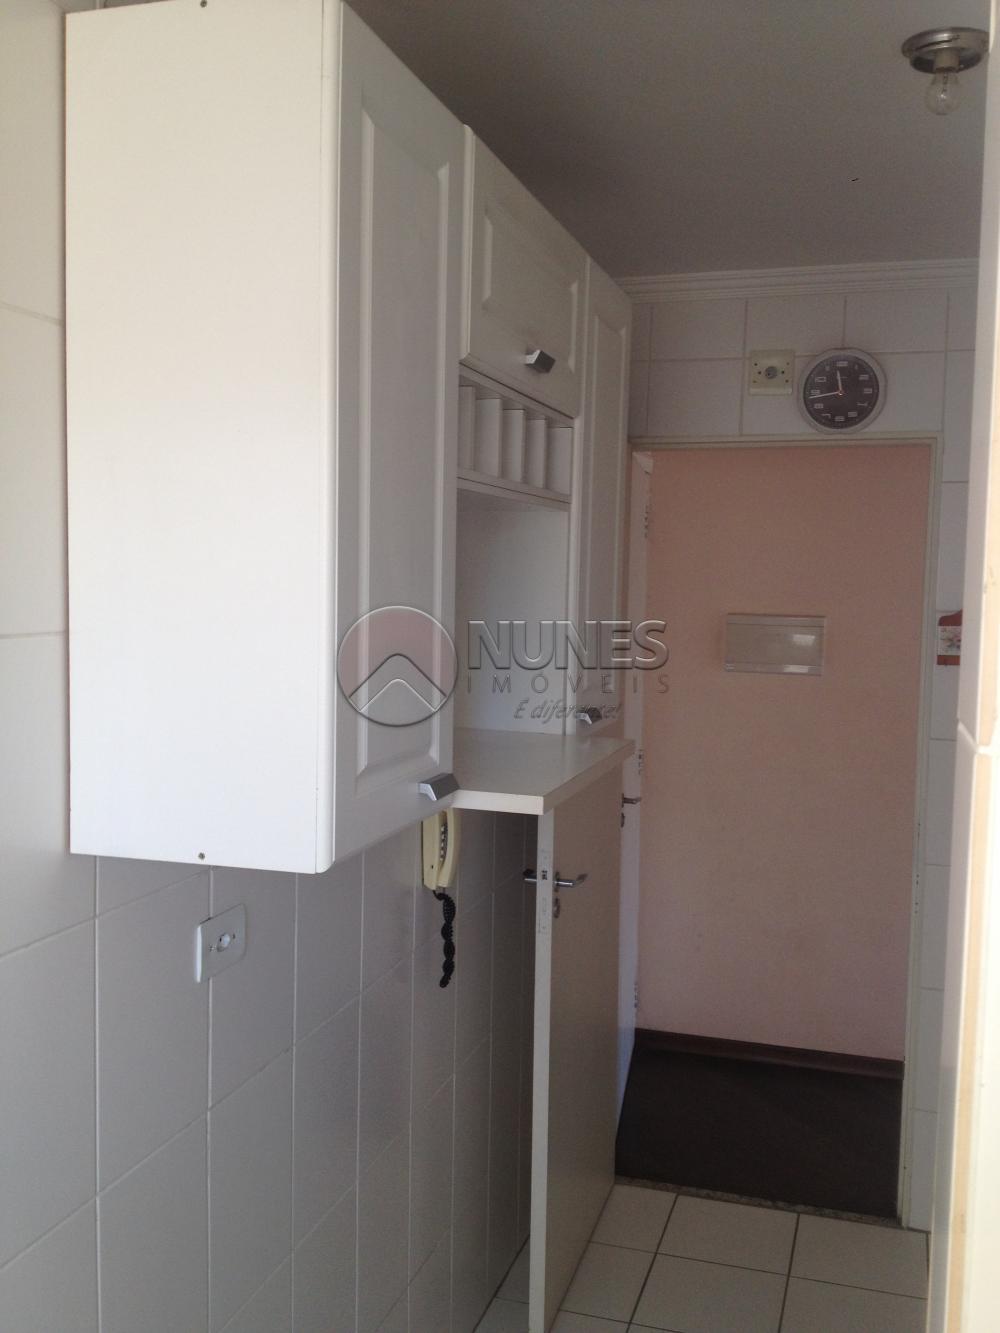 Comprar Apartamento / Padrão em São Paulo apenas R$ 350.000,00 - Foto 6